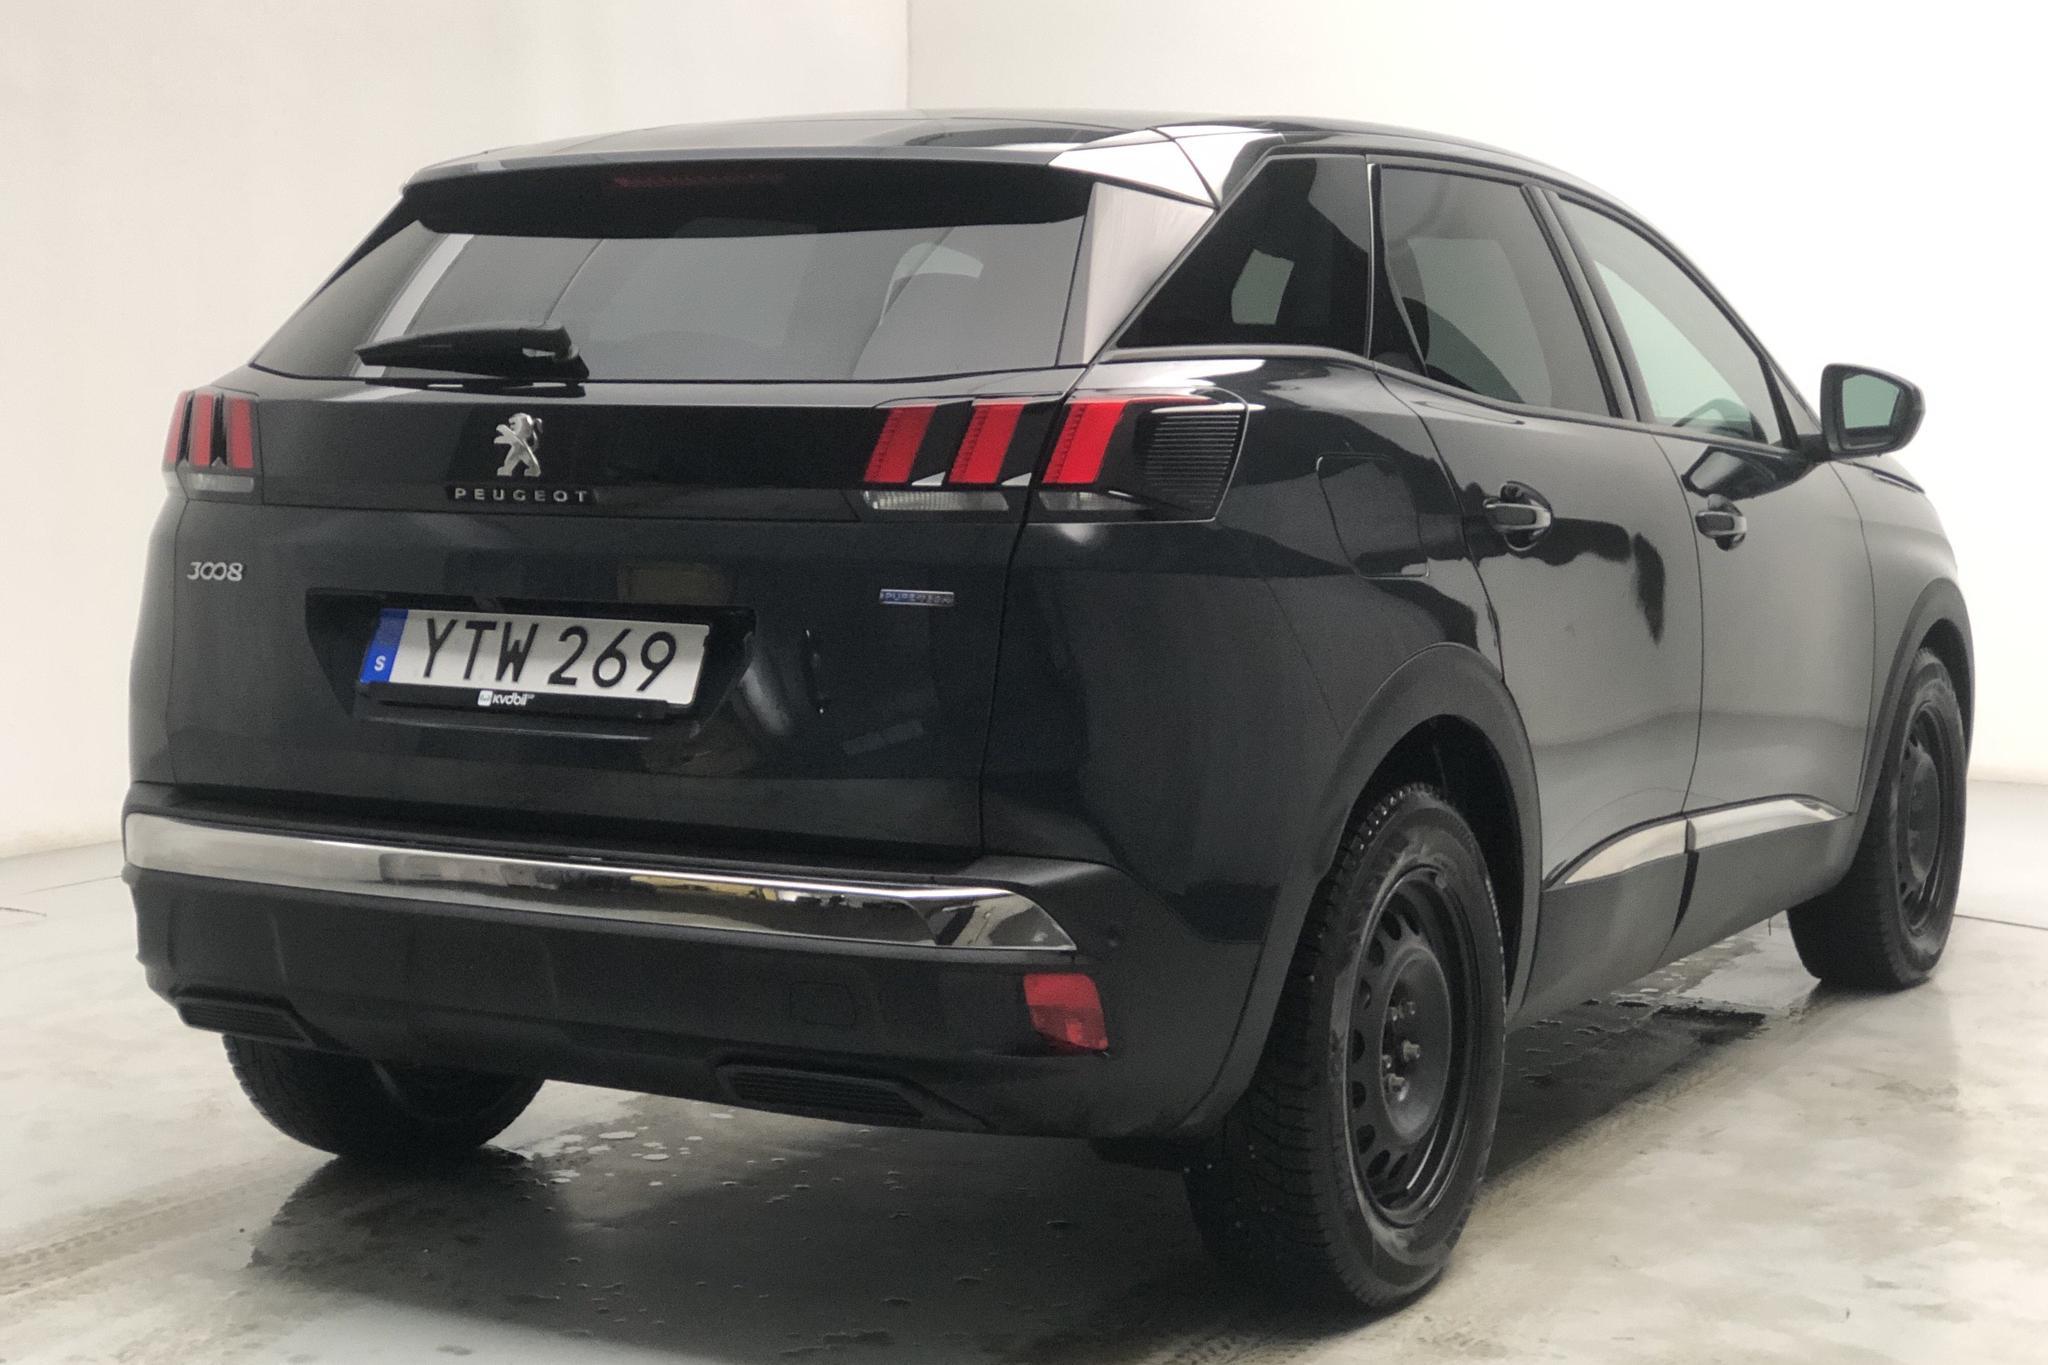 Peugeot 3008 1.2 PureTech (130hk) - 23 360 km - Automatic - 2018